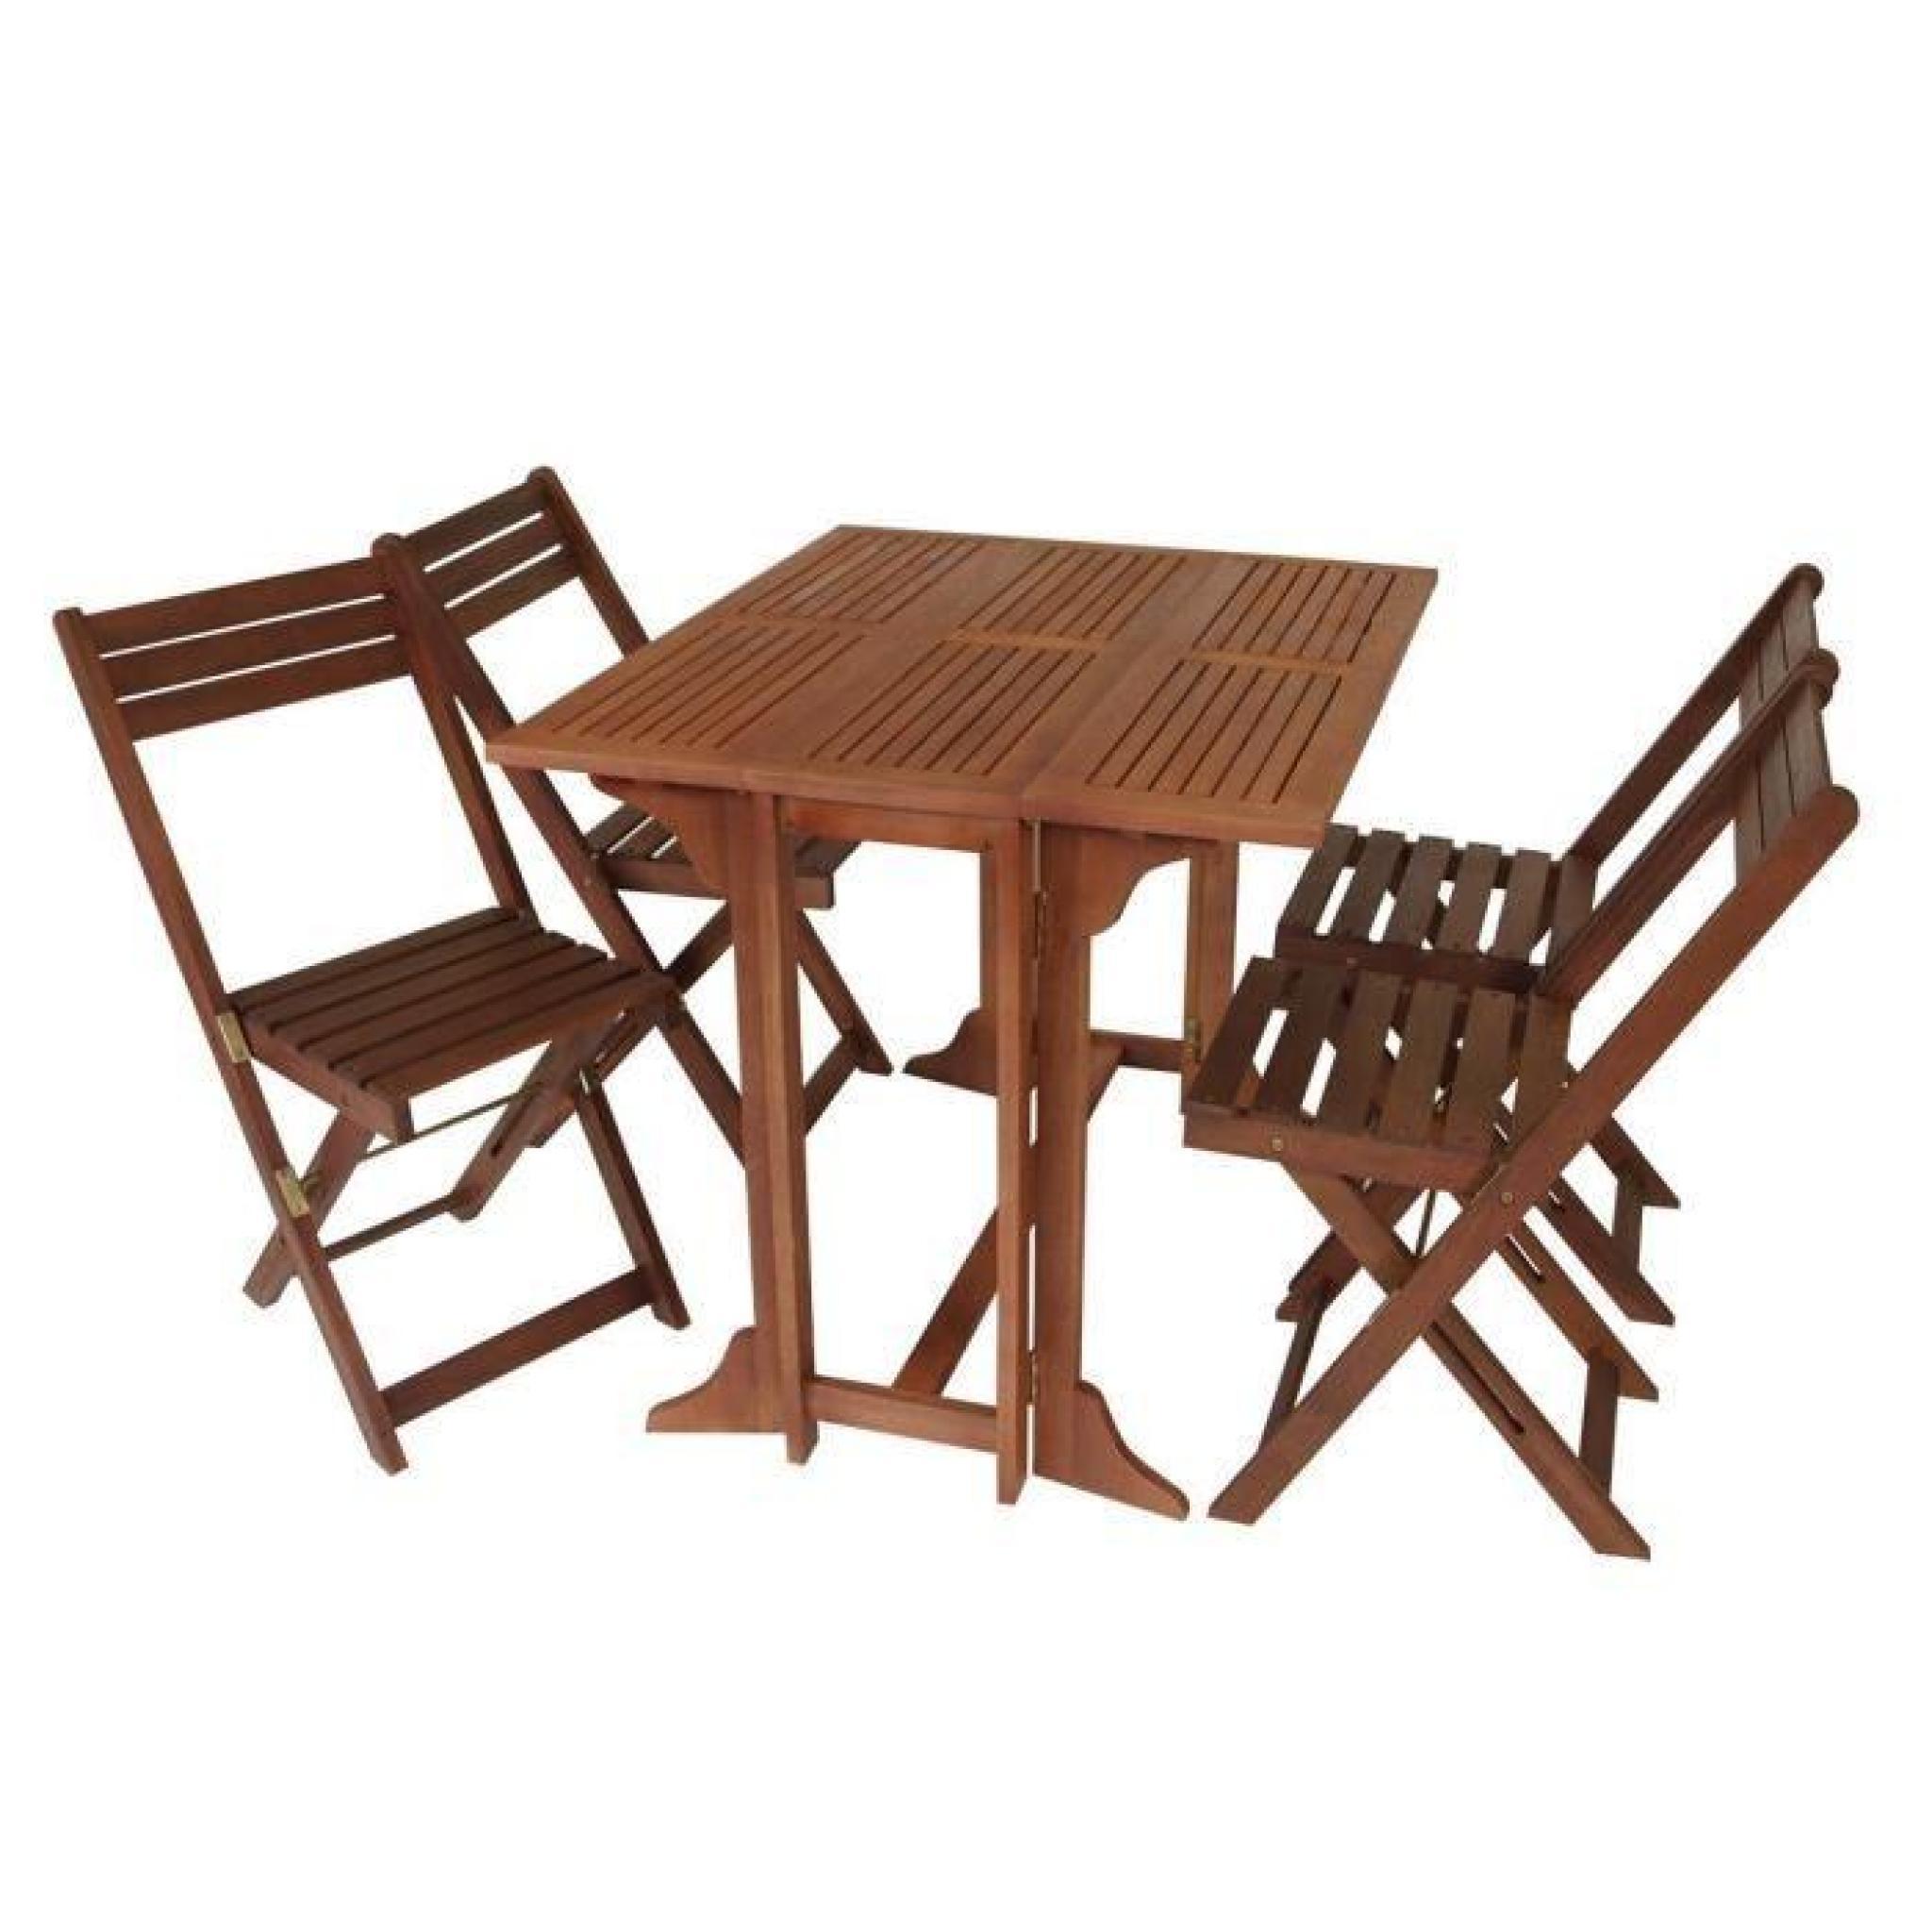 Set De Jardin/balcon 4 Chaises Pliantes 1 Table Pliante Bois D'eucalyptus  Huilé Certifié Fsc 90X75X74Cm 39X51X82Cm Pedro tout Table De Jardin En Bois Pliante